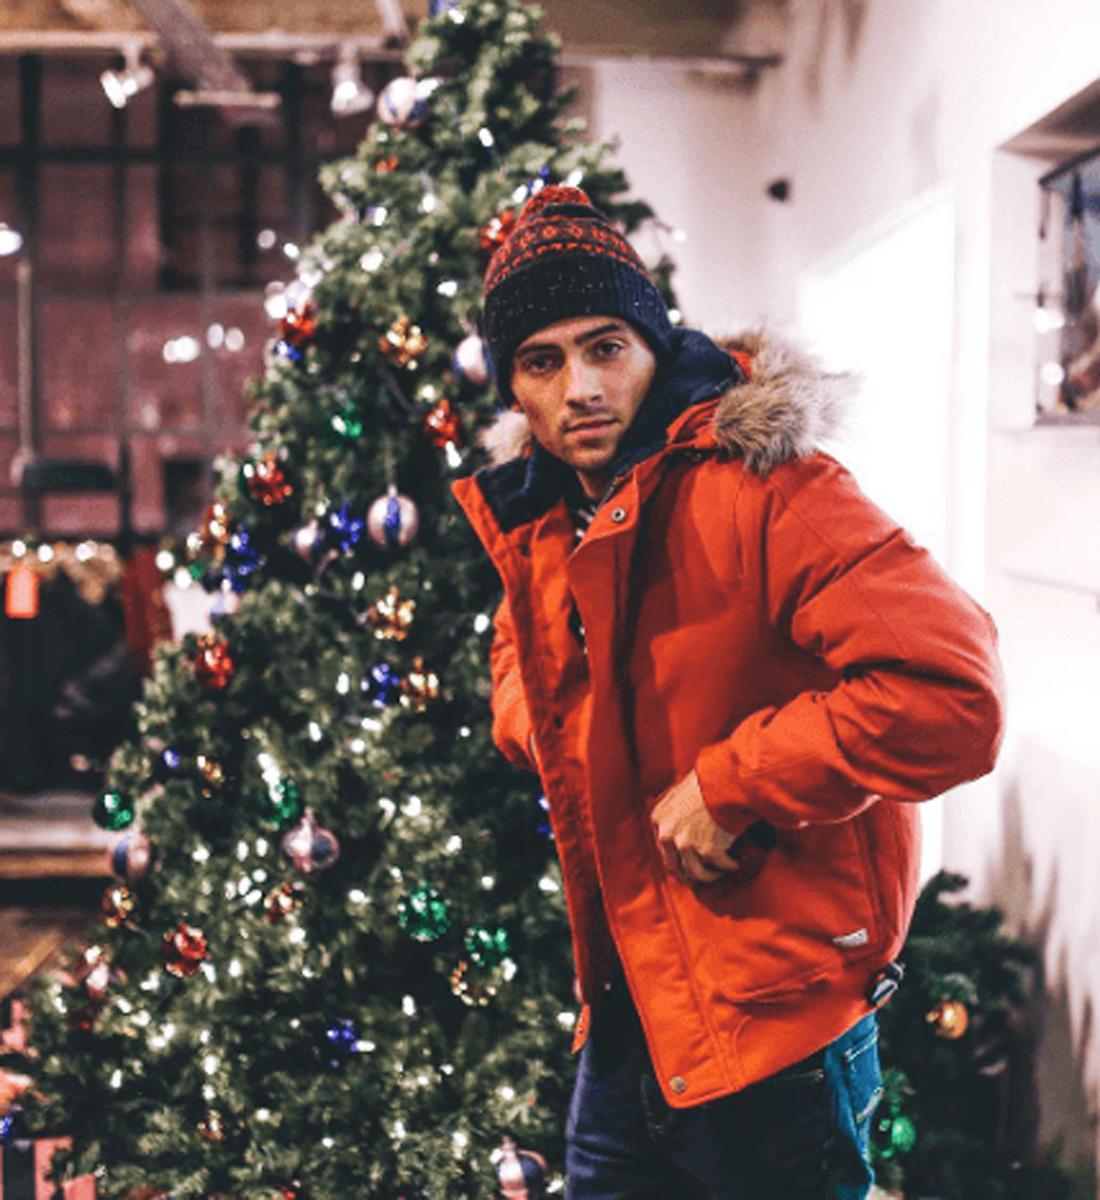 fad09b480322 Έτσι θα πρωτοτυπήσεις στο ντύσιμο το βράδυ των Χριστουγέννων - Activeman